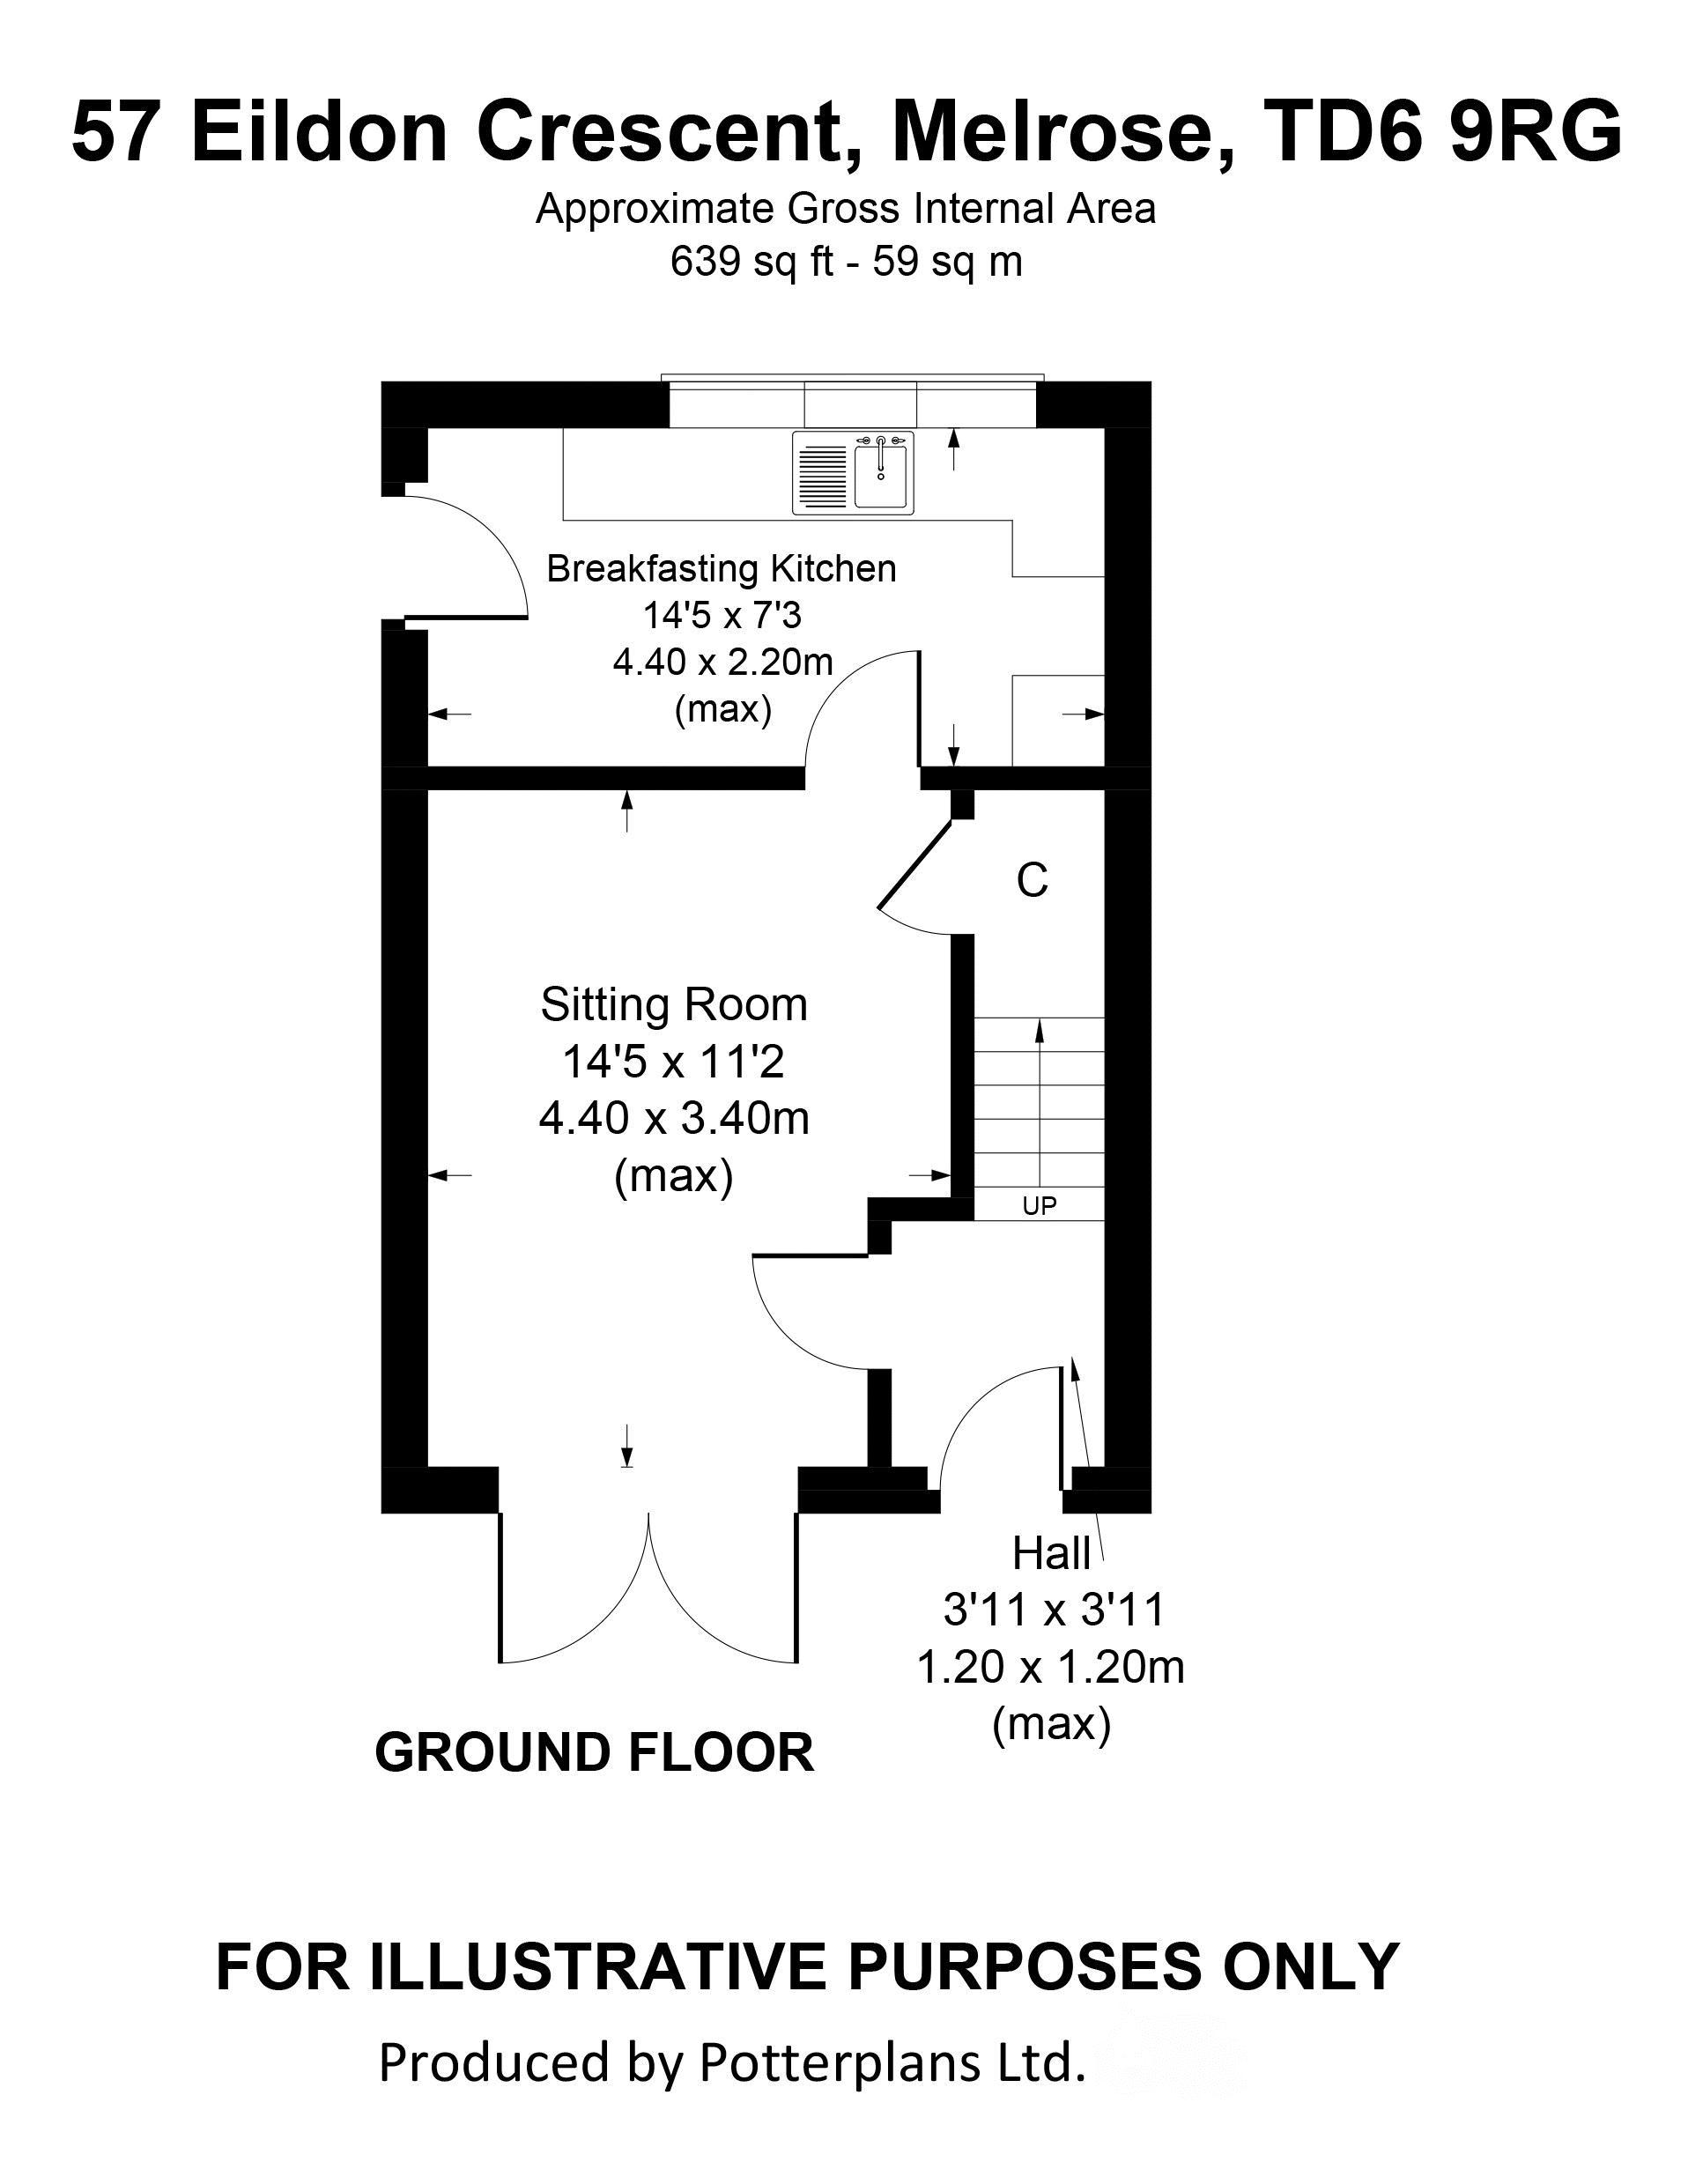 57 Eildon Crescent Ground Floor